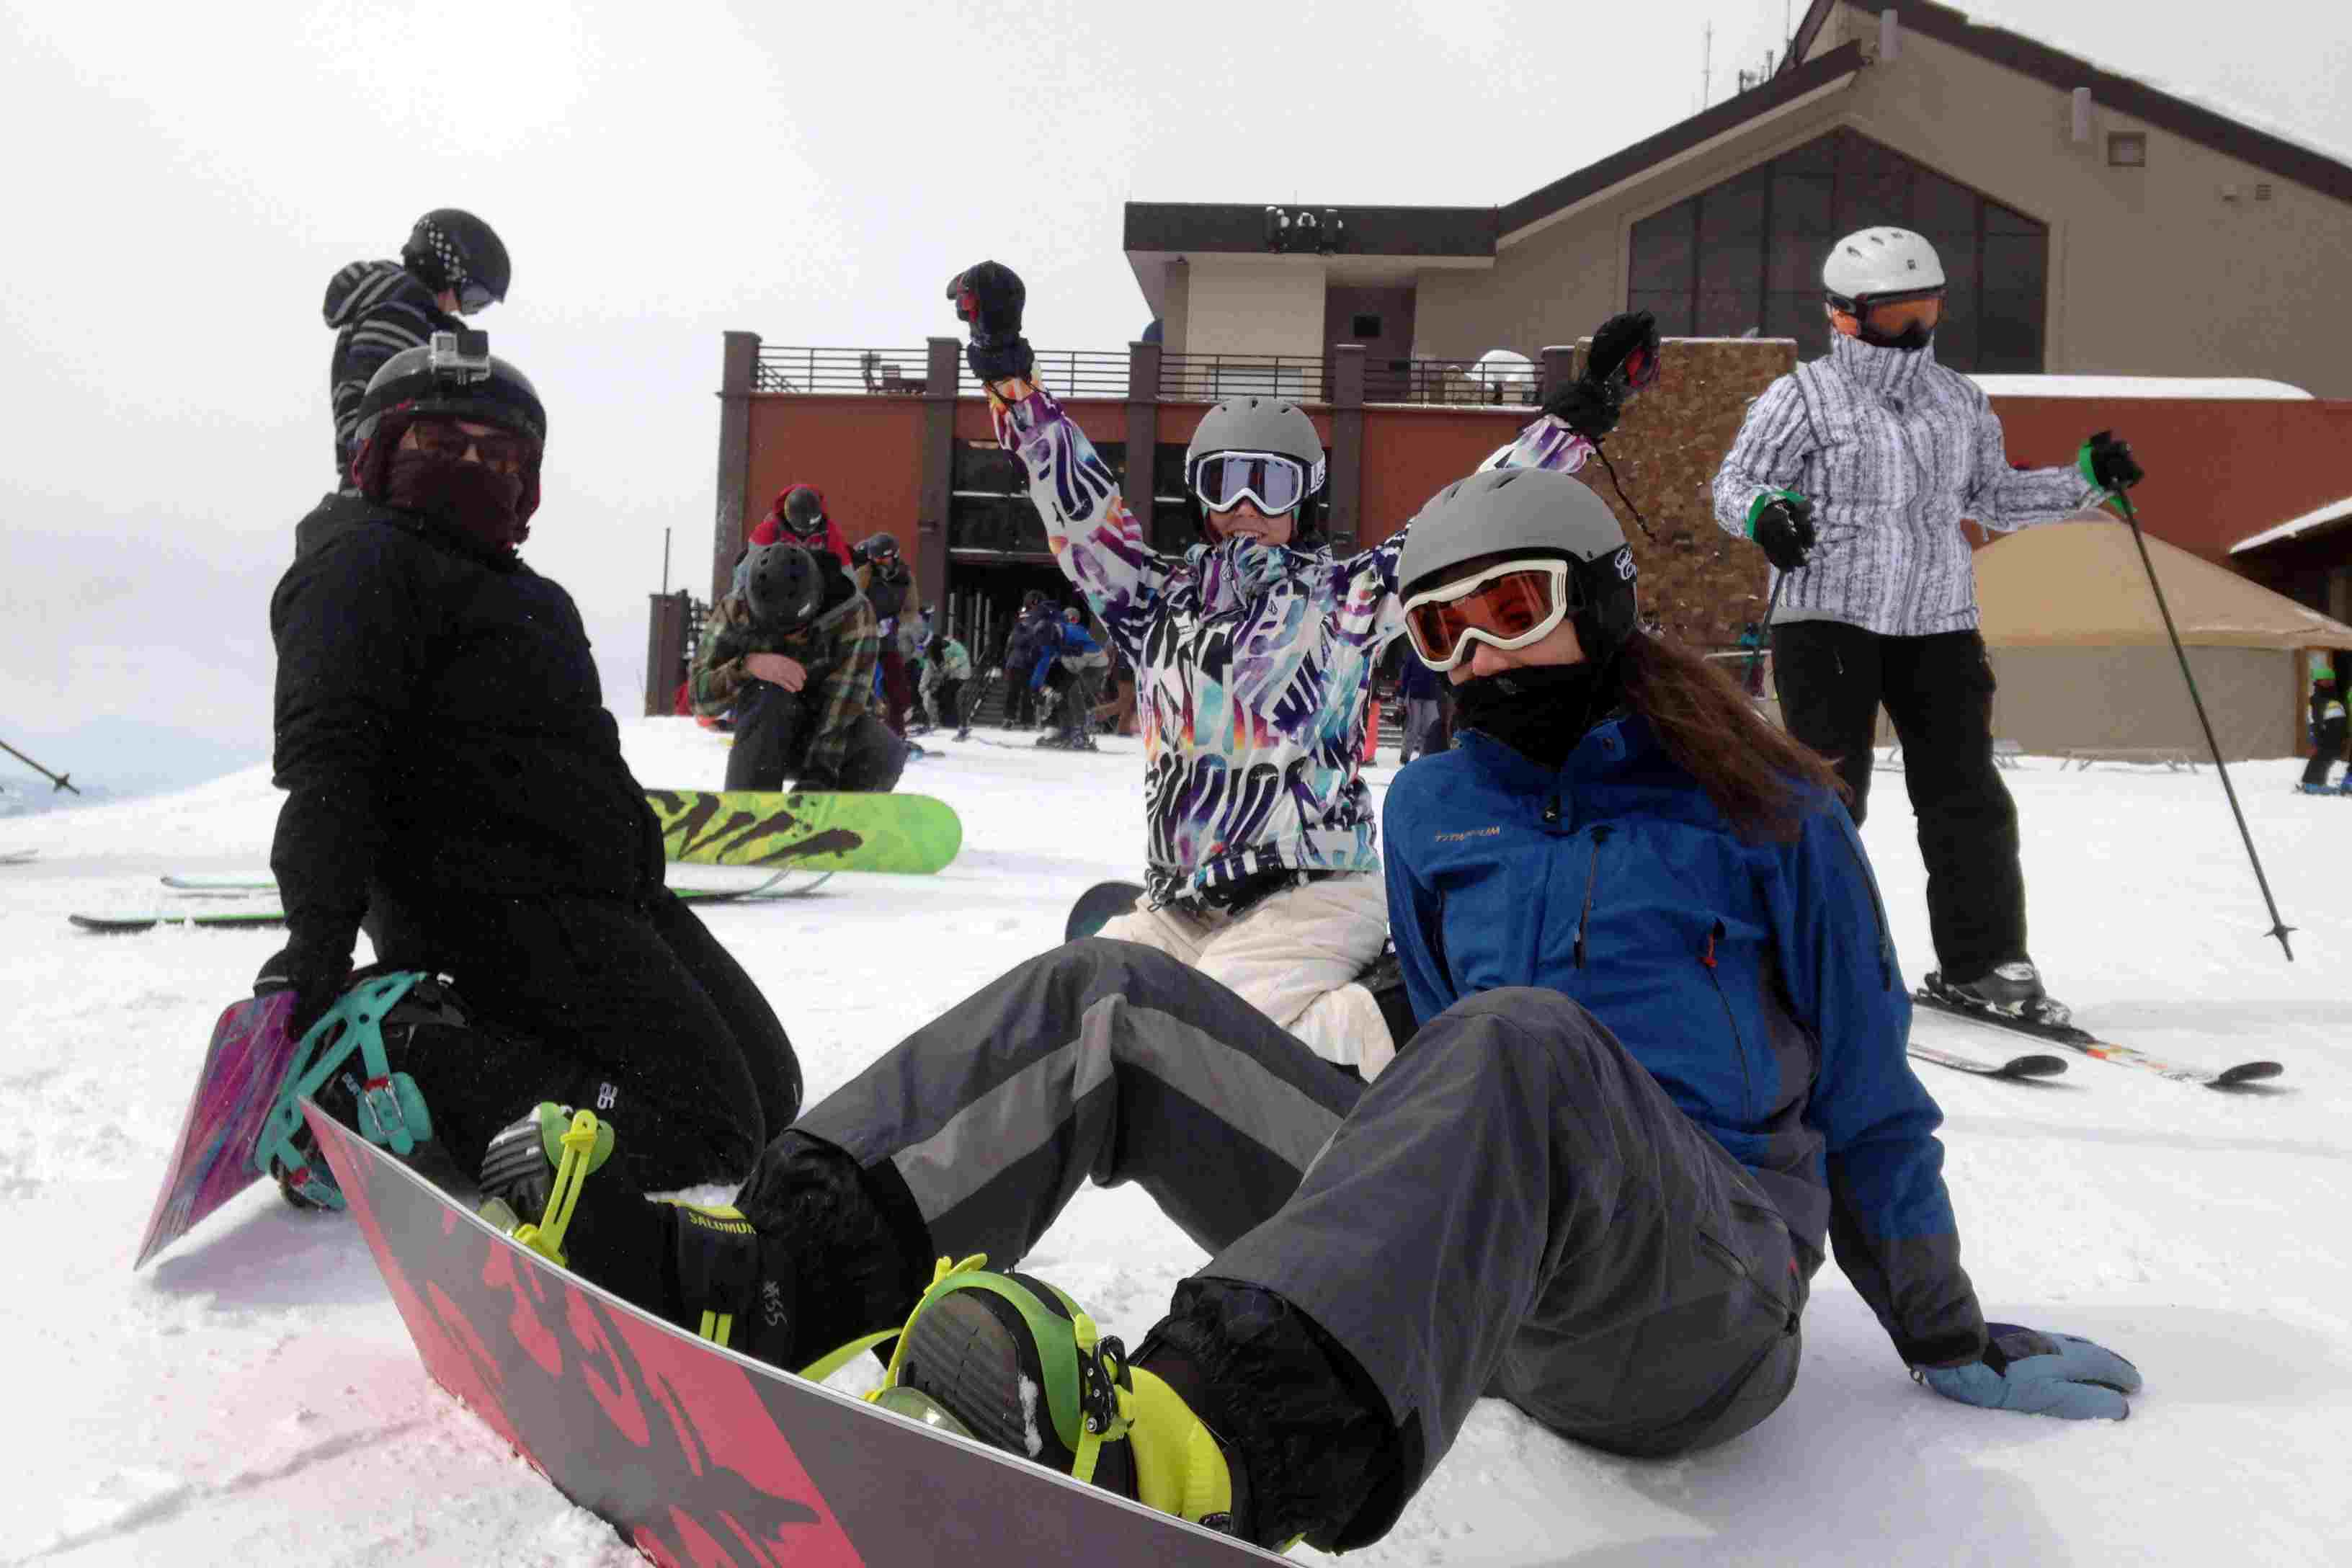 barco de vapor de snowboard